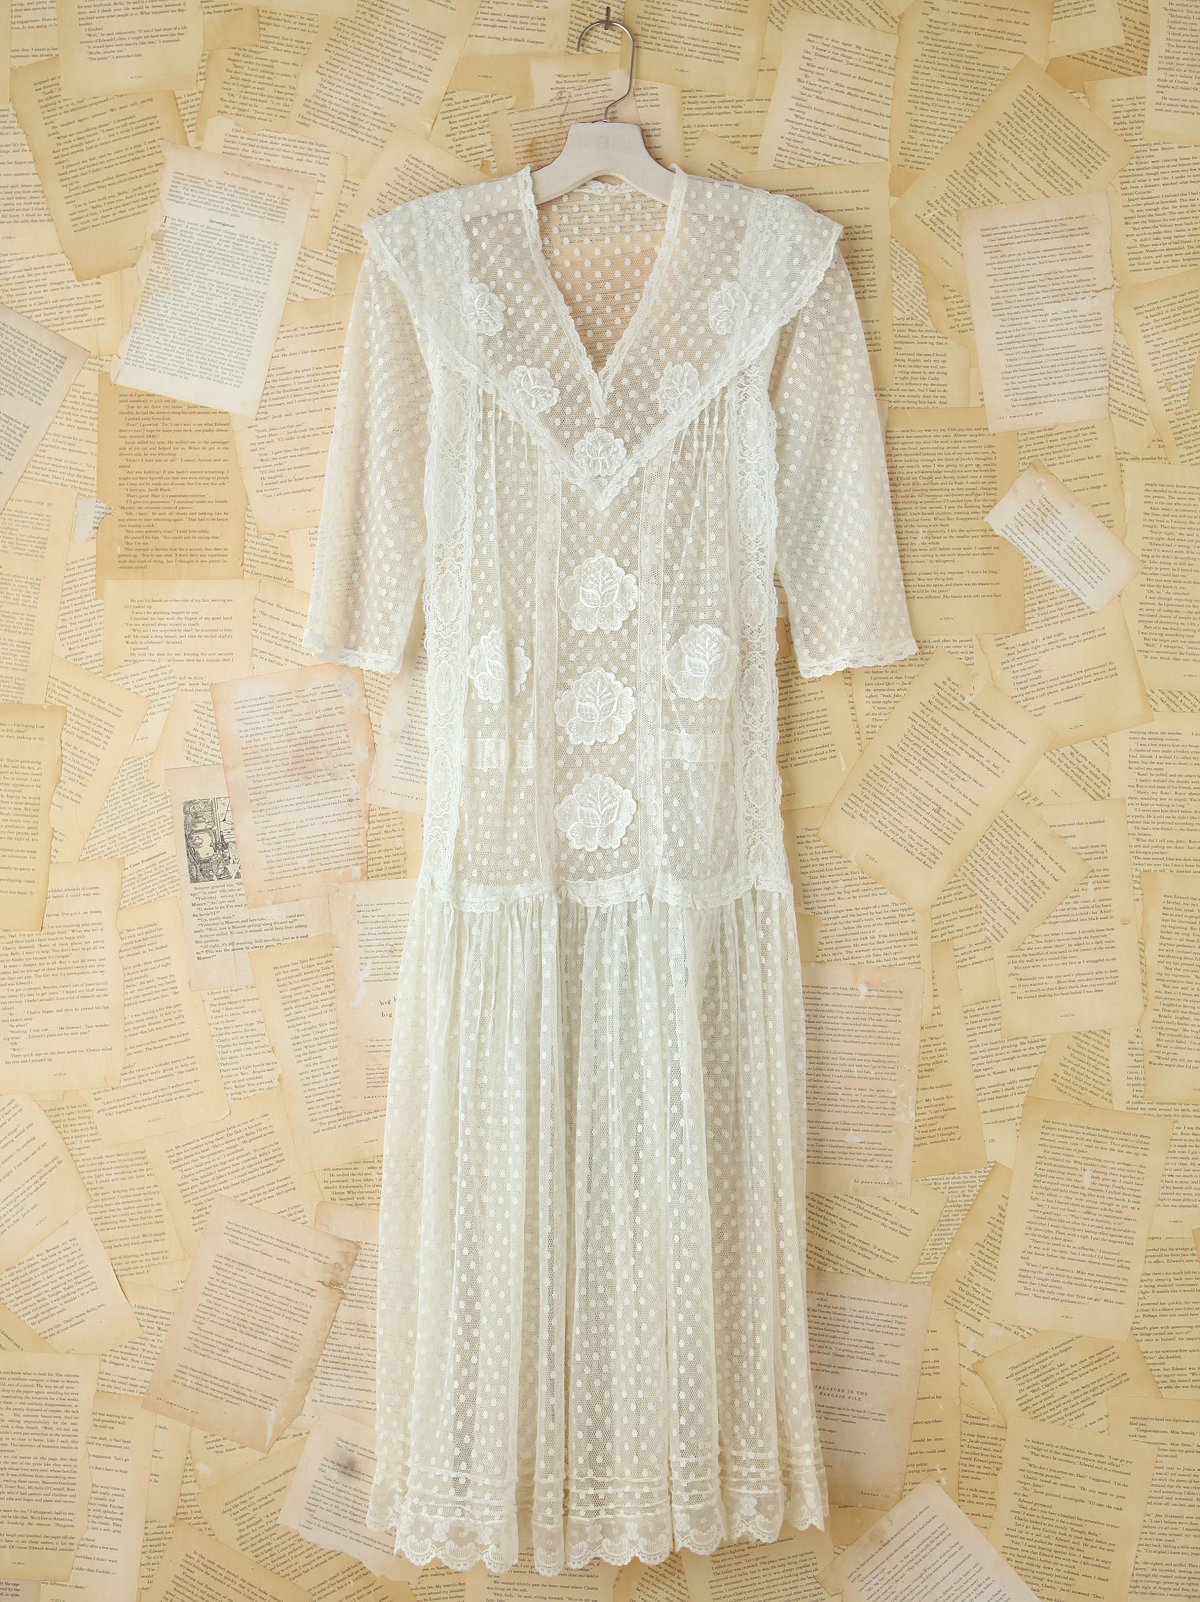 Vintage Sheer Dotted Mesh Dress